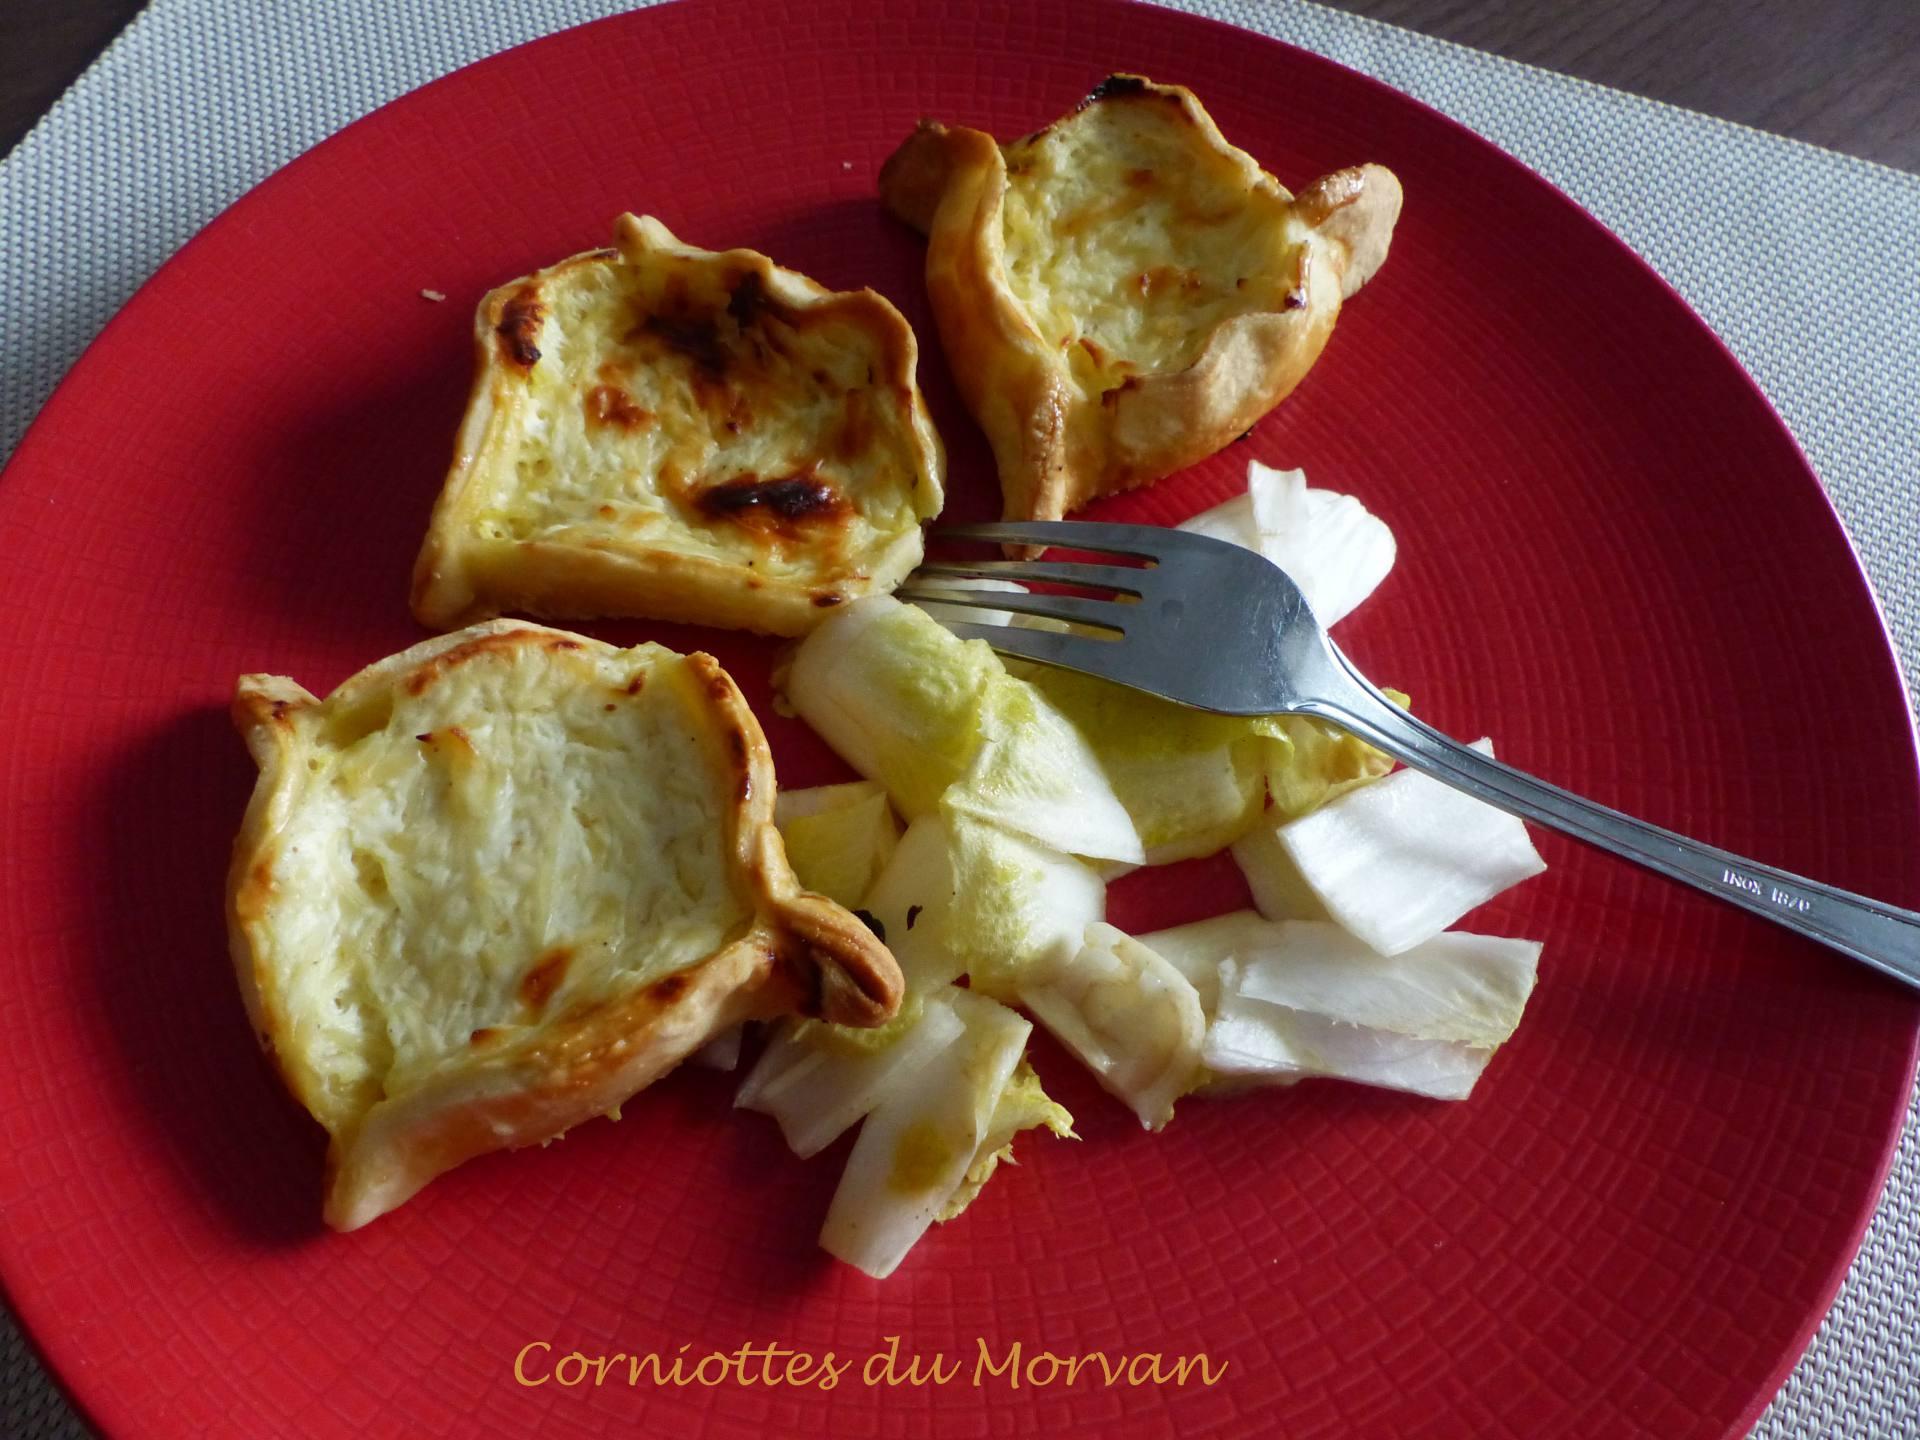 Corniottes du Morvan P1160907 R